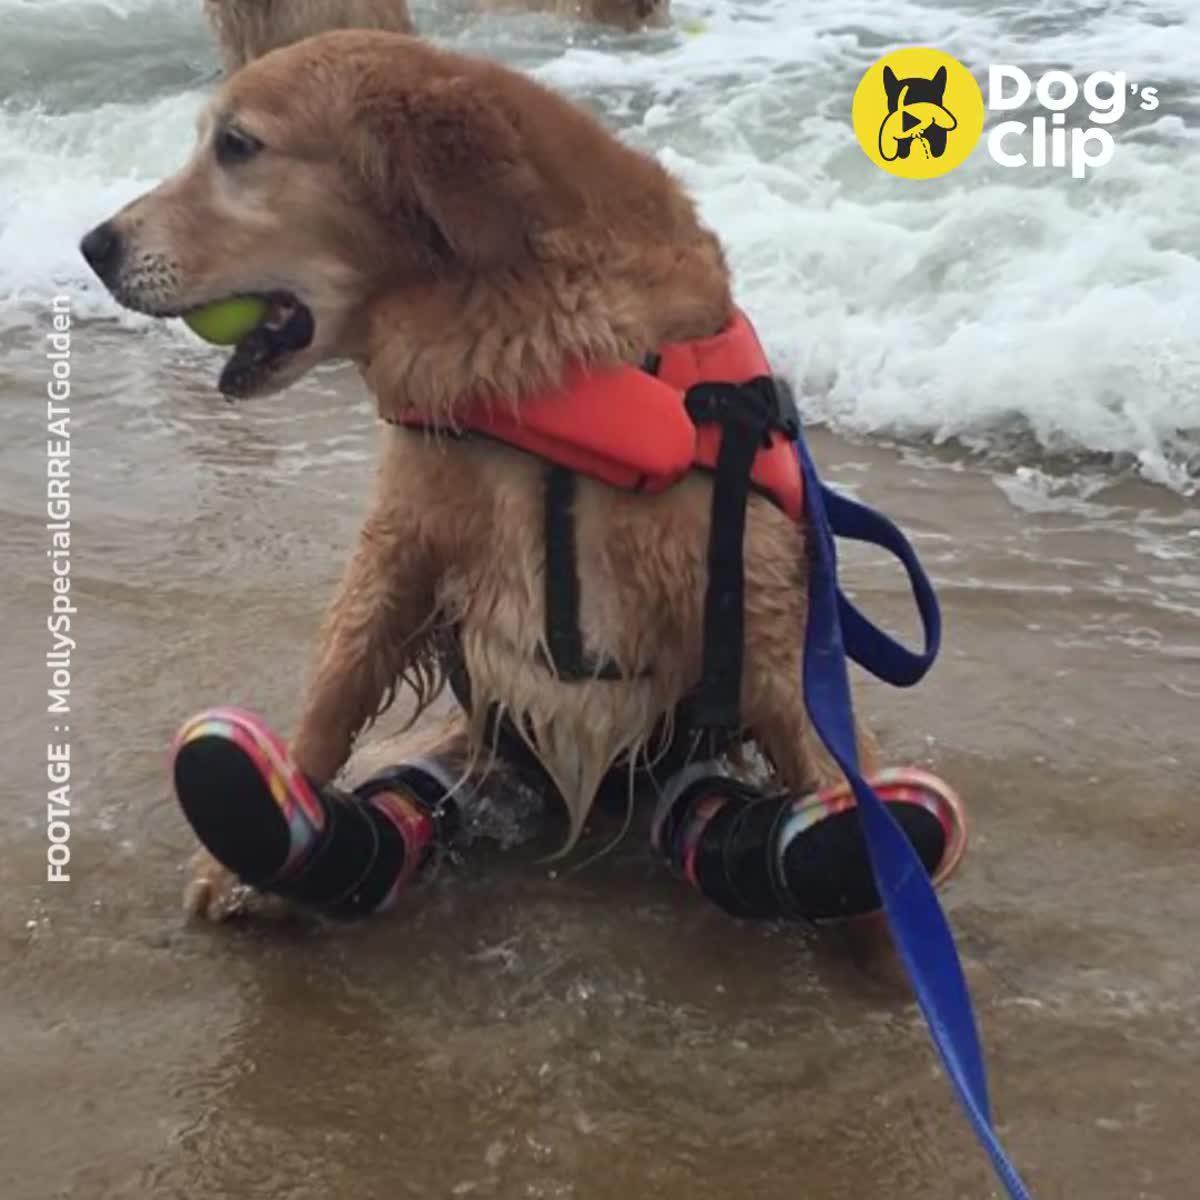 มอลลี่ น้องหมาที่เกิดมาพร้อมขาหลังที่พิการ แต่ได้รับการดูแลอย่างดีจากครอบครัวที่อบอุ่น